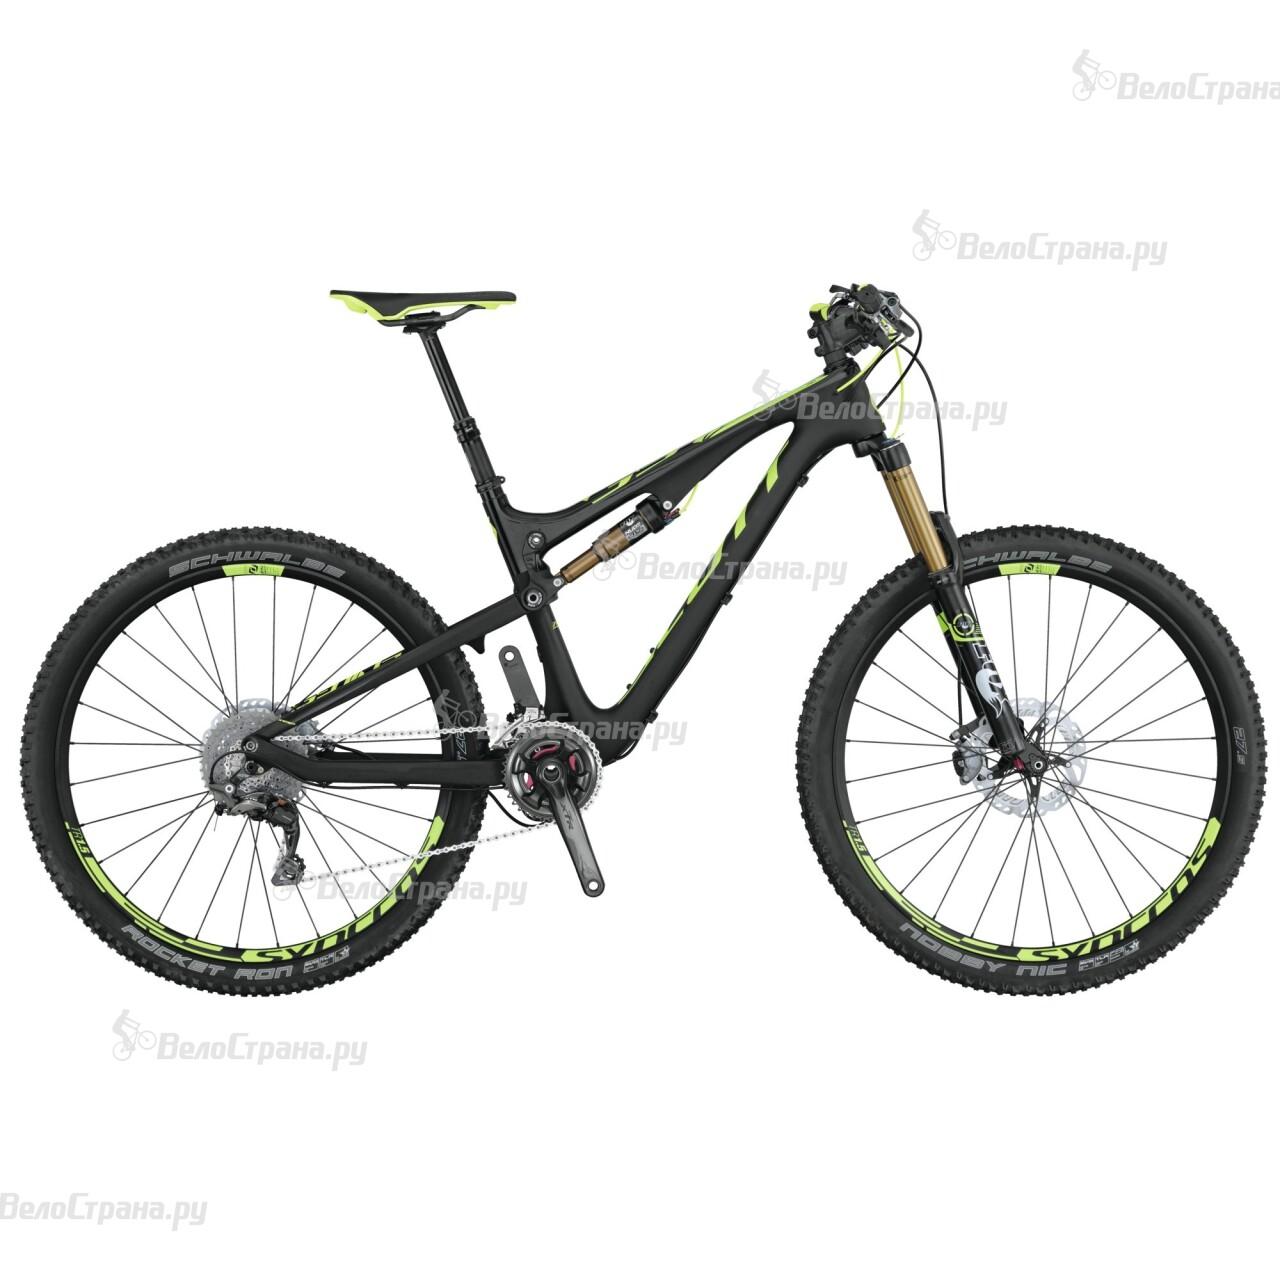 Велосипед Scott Genius 700 Premium (2015)  велосипед scott contessa genius 700 2015